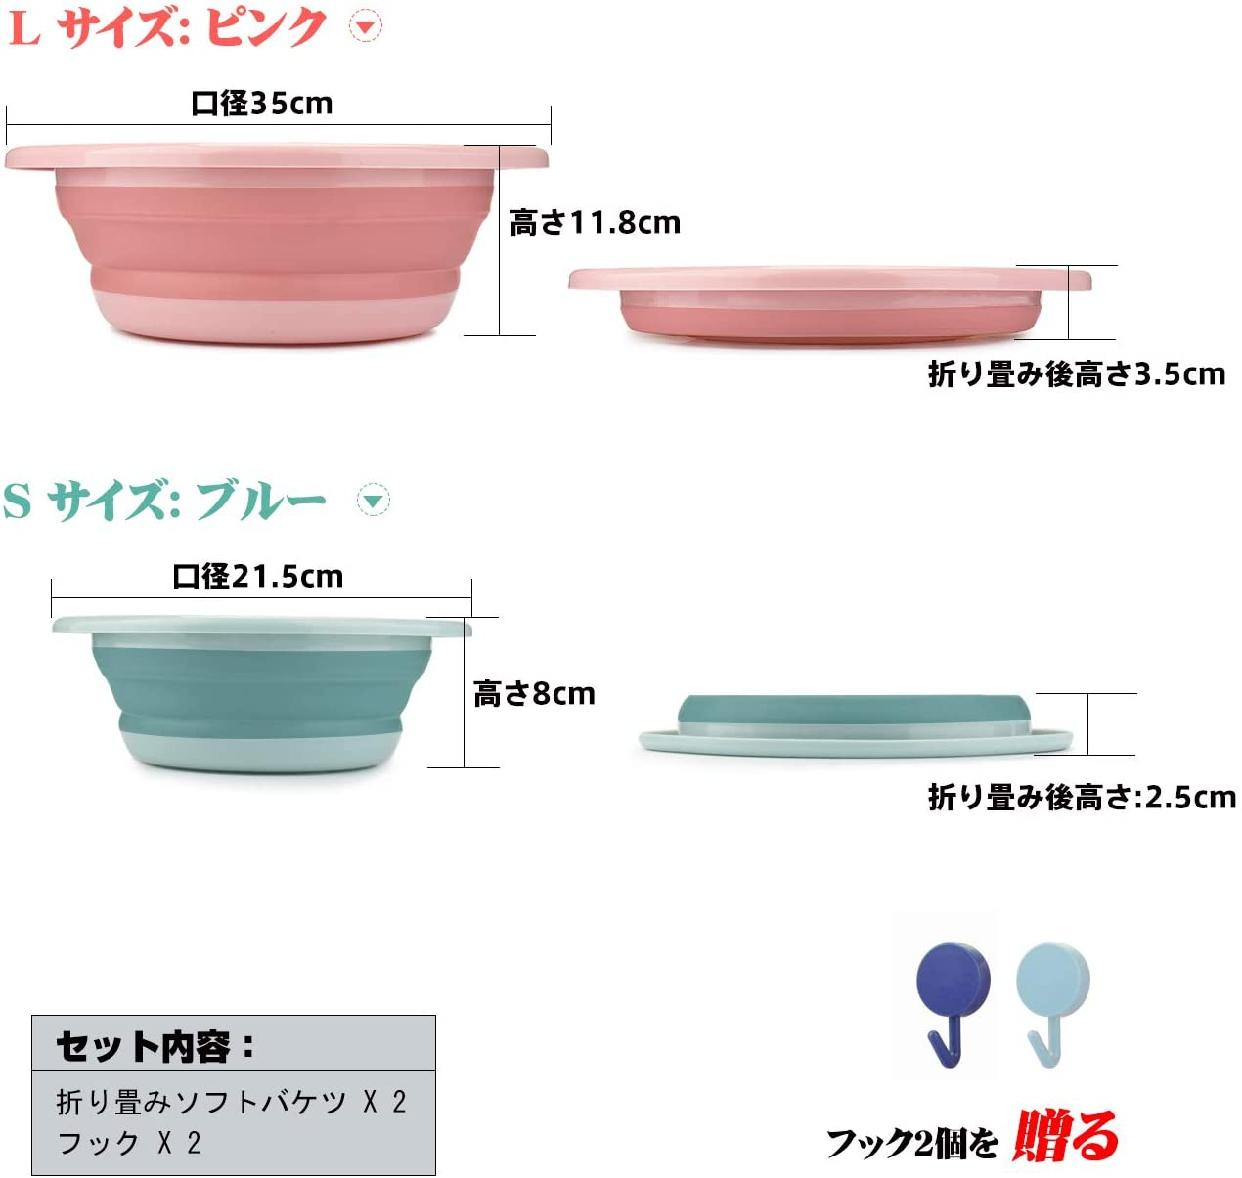 MM&UU(エムエムアンドユーユー) 洗い桶 折り畳み 2点セット ピンクとブルーの商品画像2